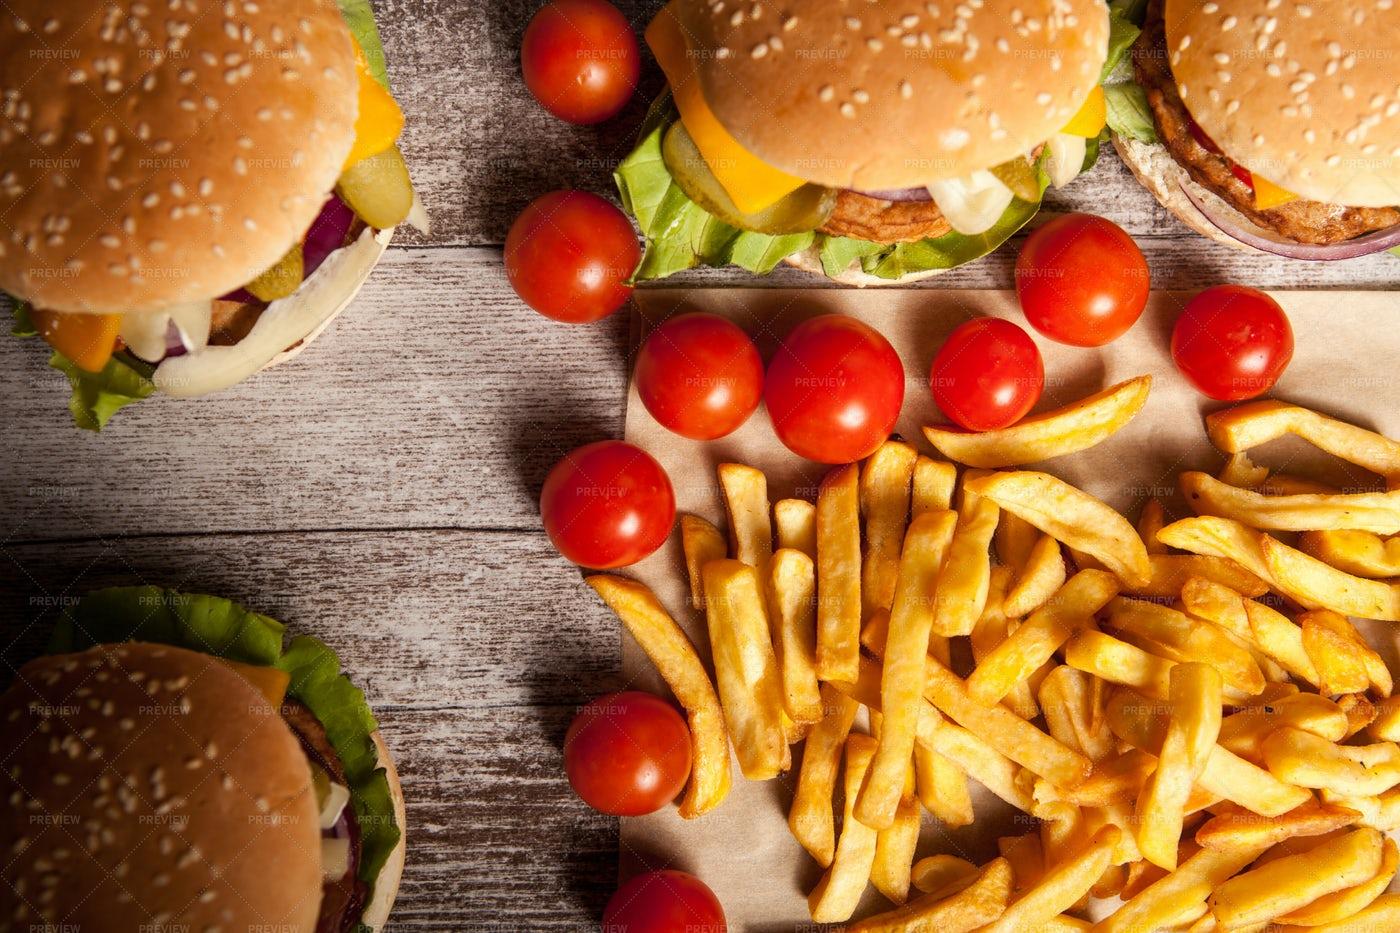 Burgers And Fries: Stock Photos